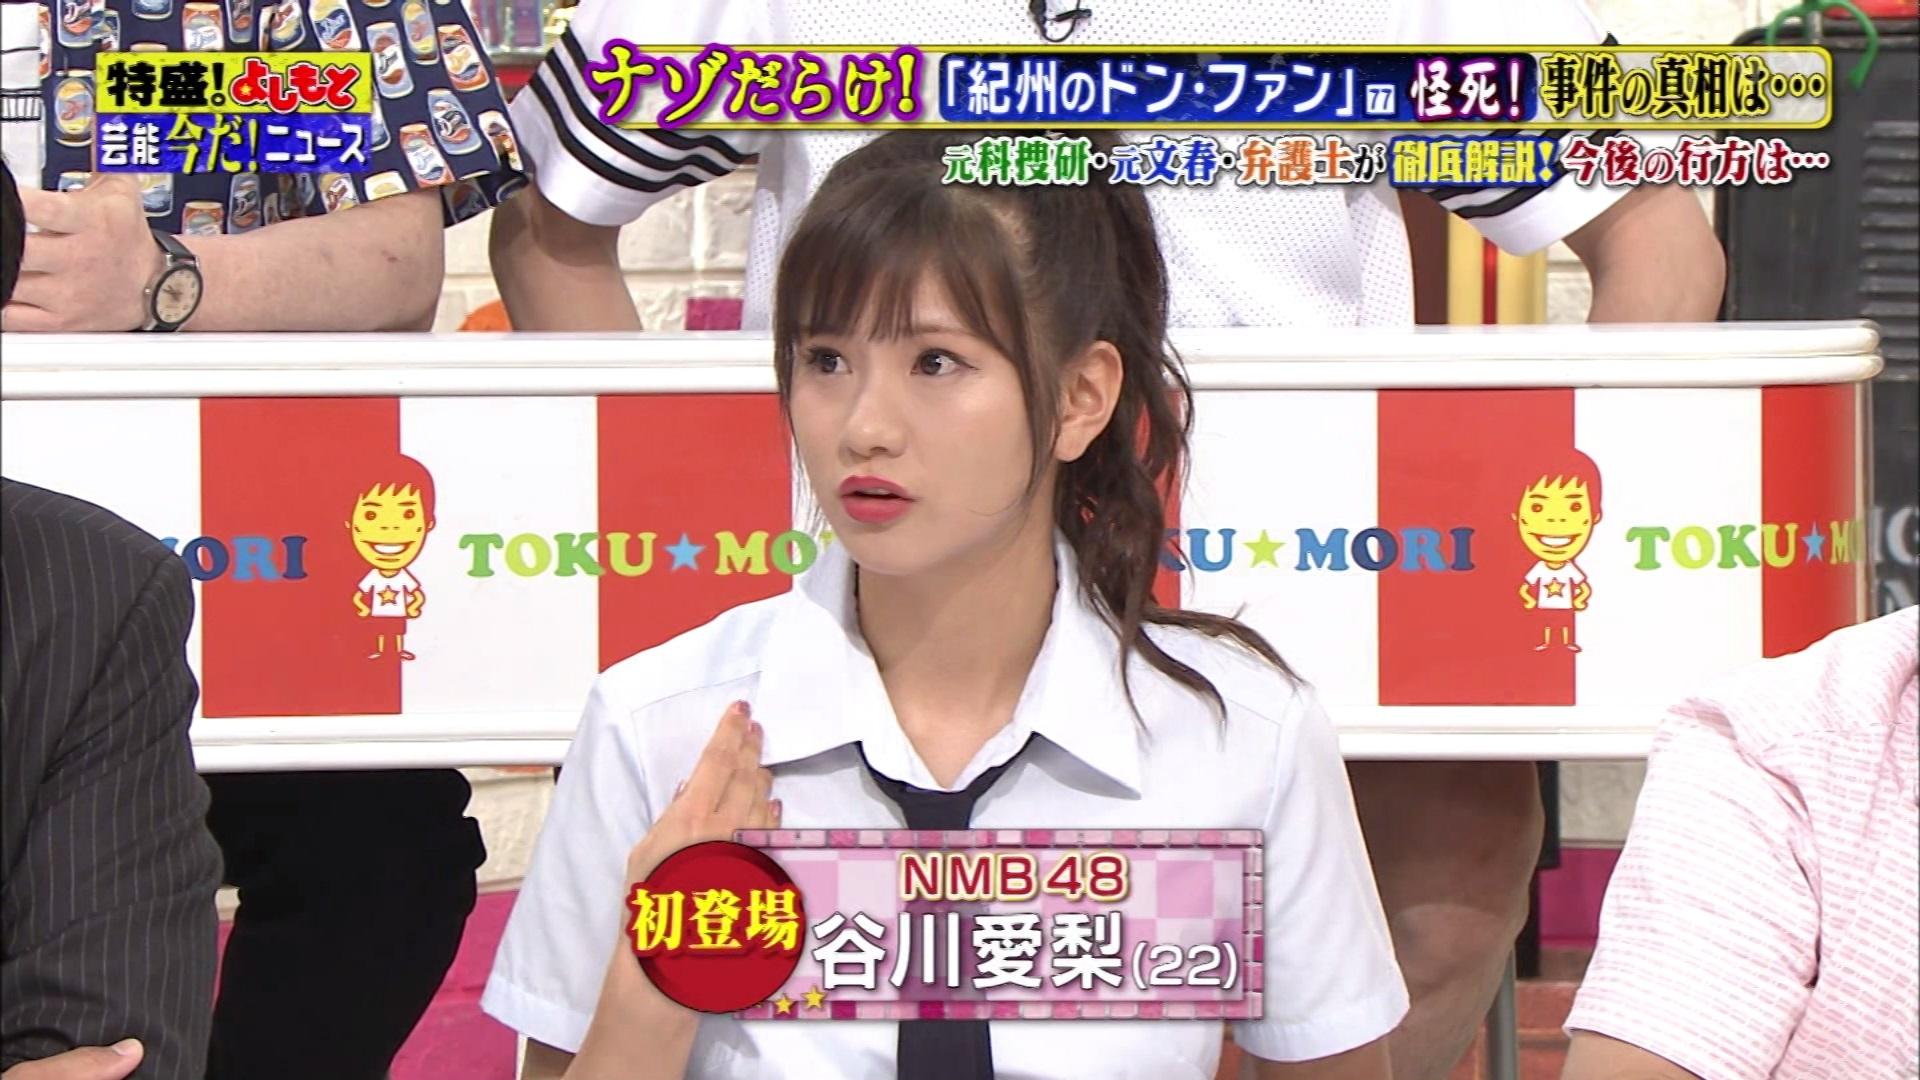 【谷川愛梨】あいり出演・6月16日放送 特盛!よしもとキャプ画像。